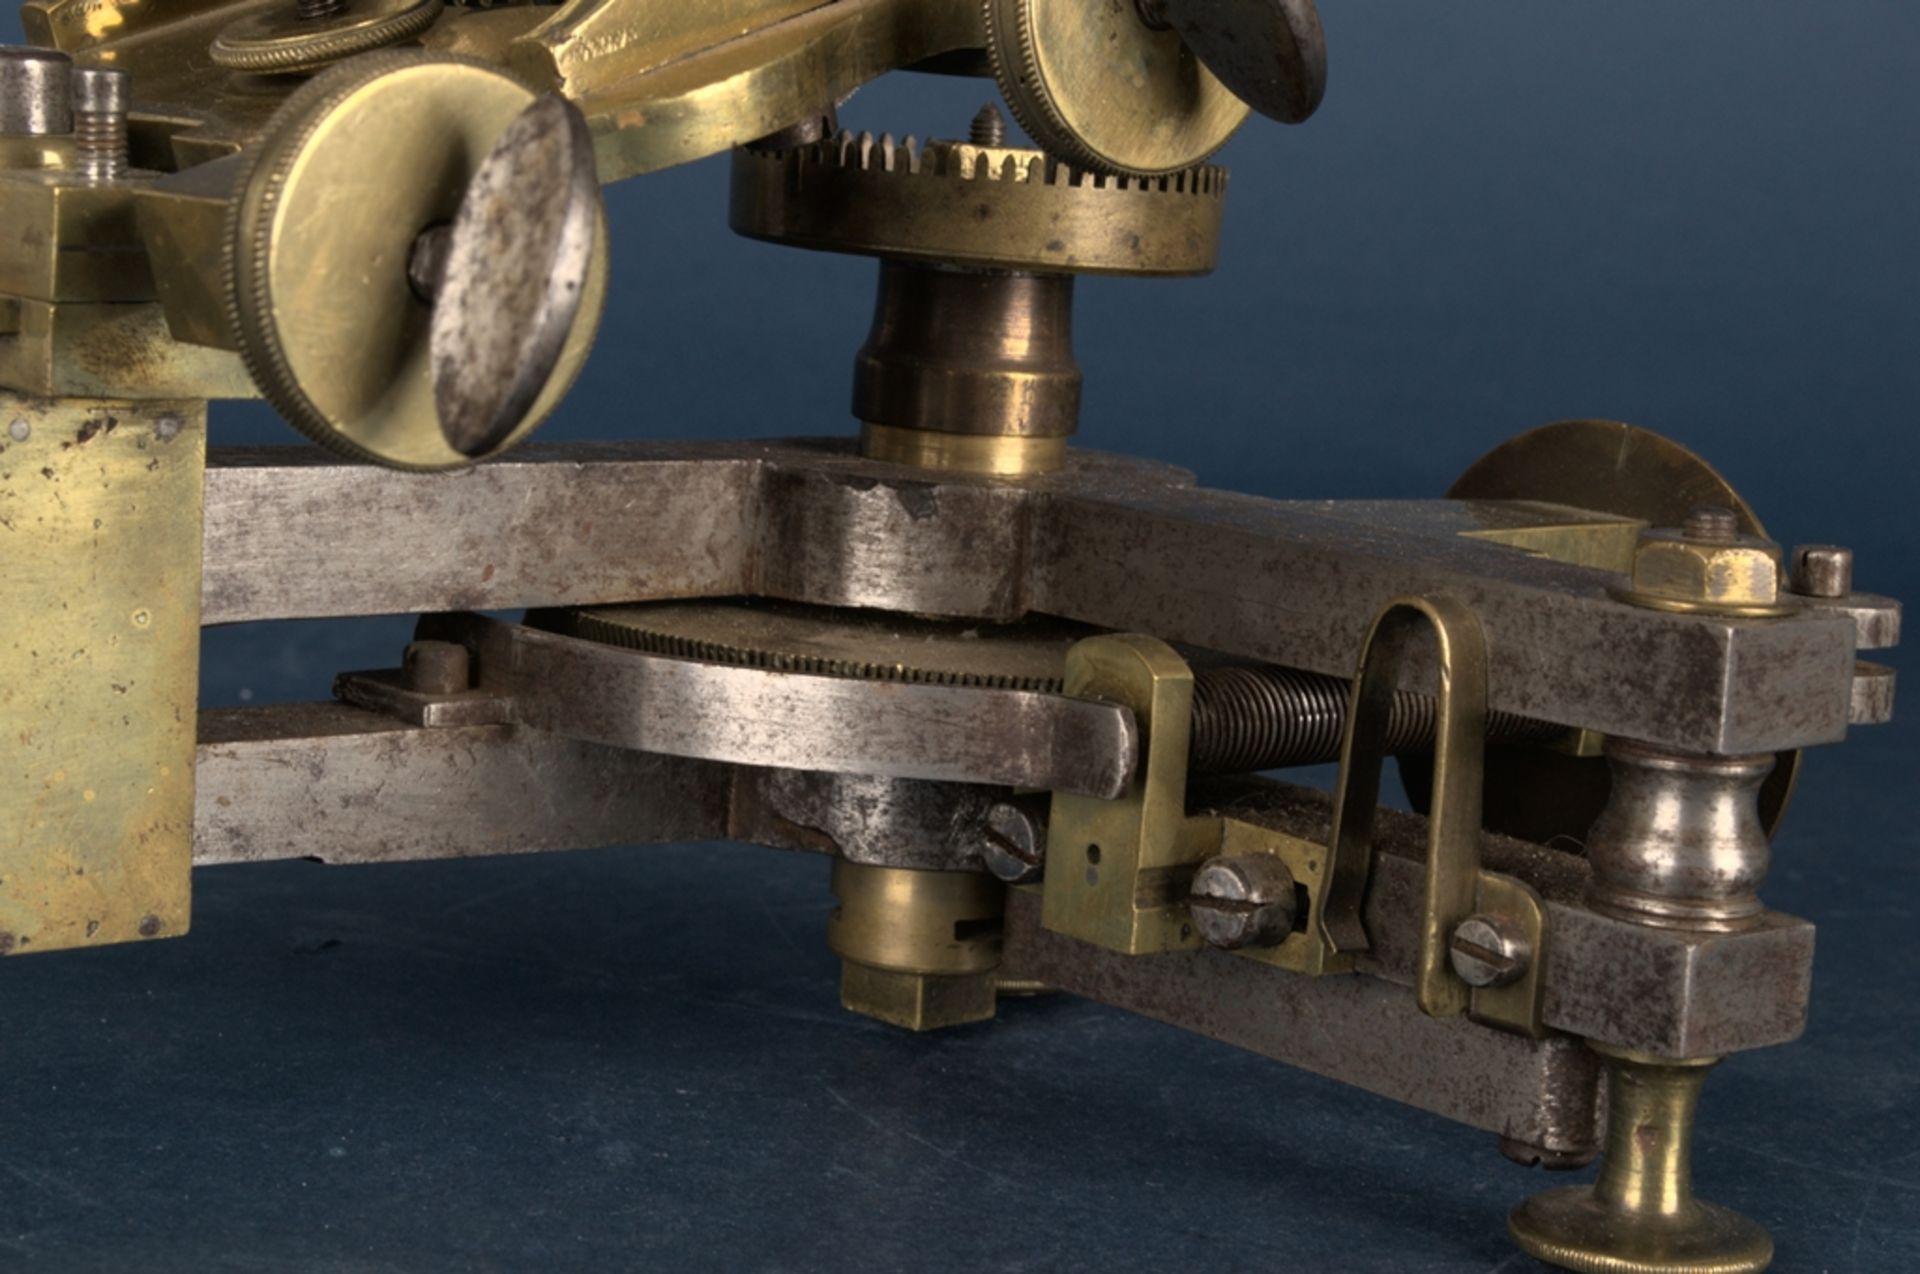 Zahnradfräsmaschine/Zahnräderschneidemaschine, frühes Uhrmacherwerkzeug, deutsch Mitte 18. Jhd., - Bild 20 aus 29